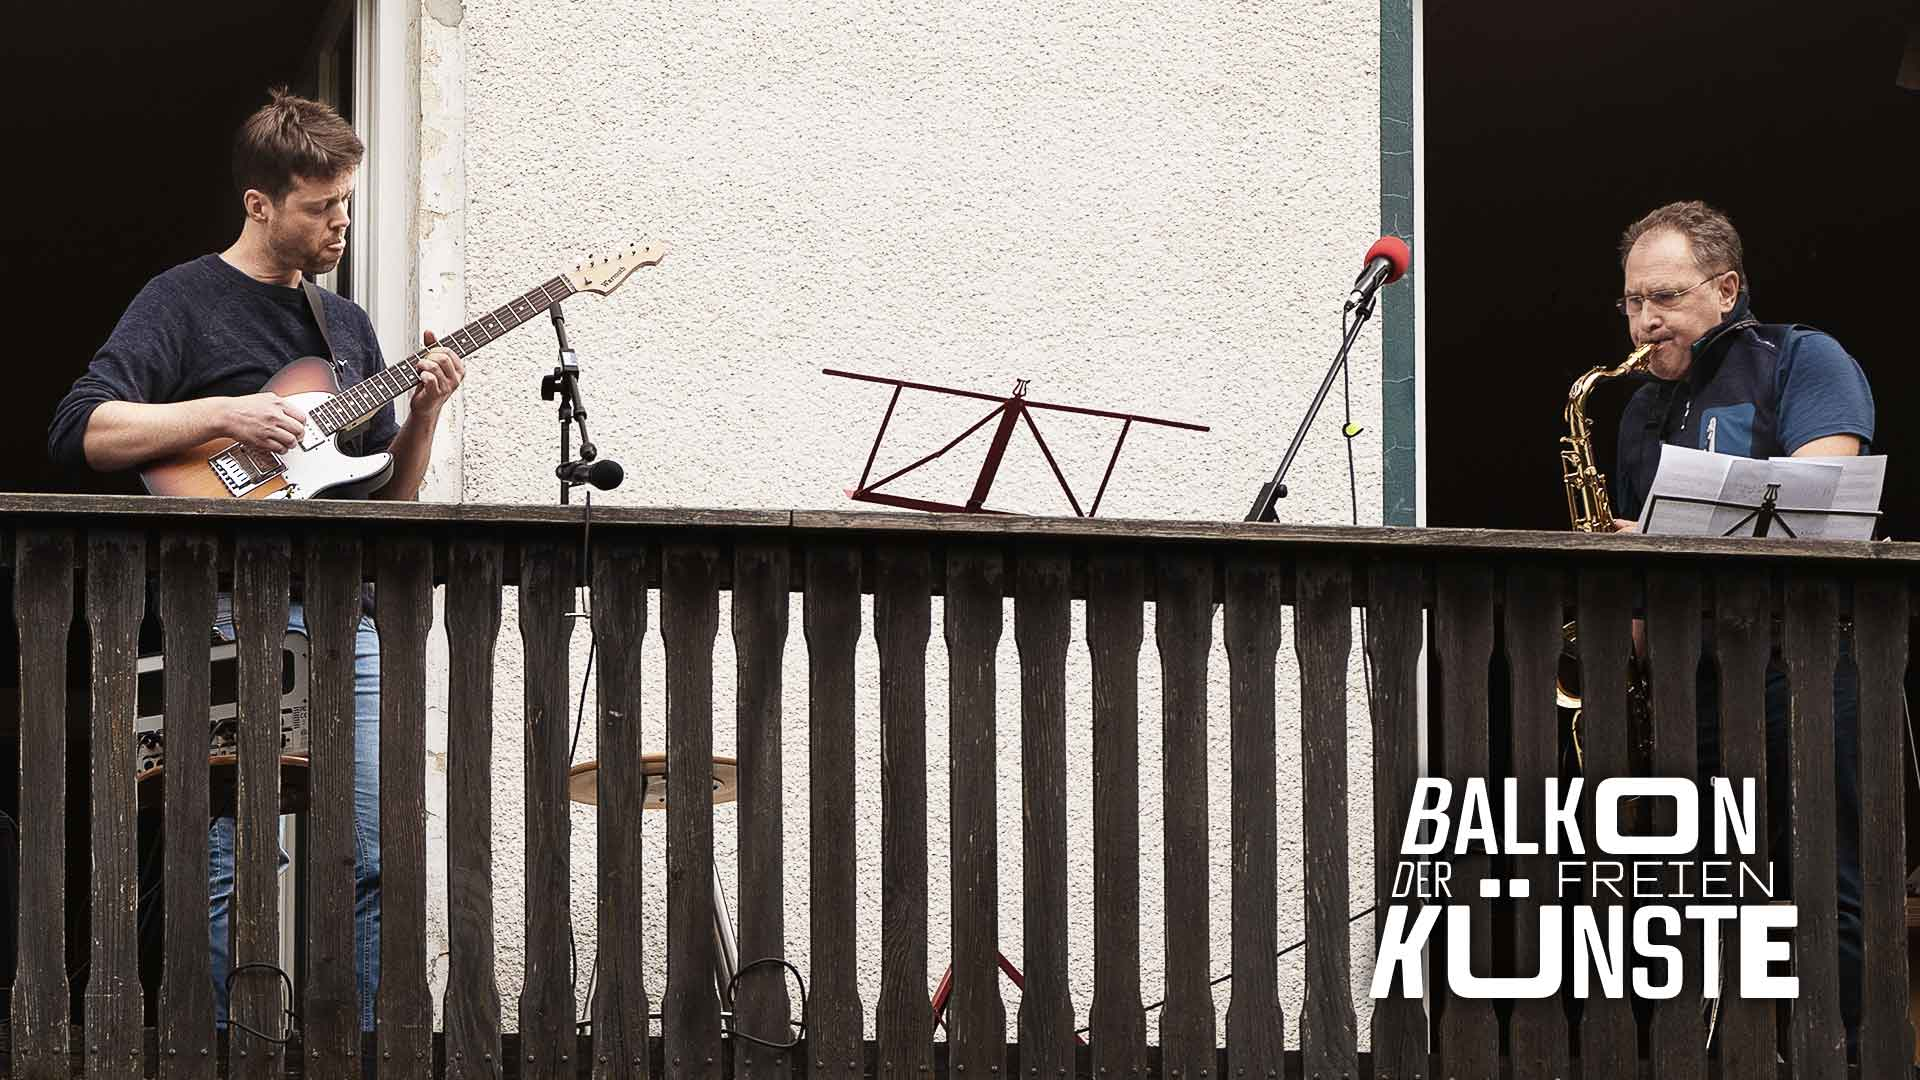 Benjamin Kersting und Hajo Woltersdorf auf dem Balkon der freien Künste